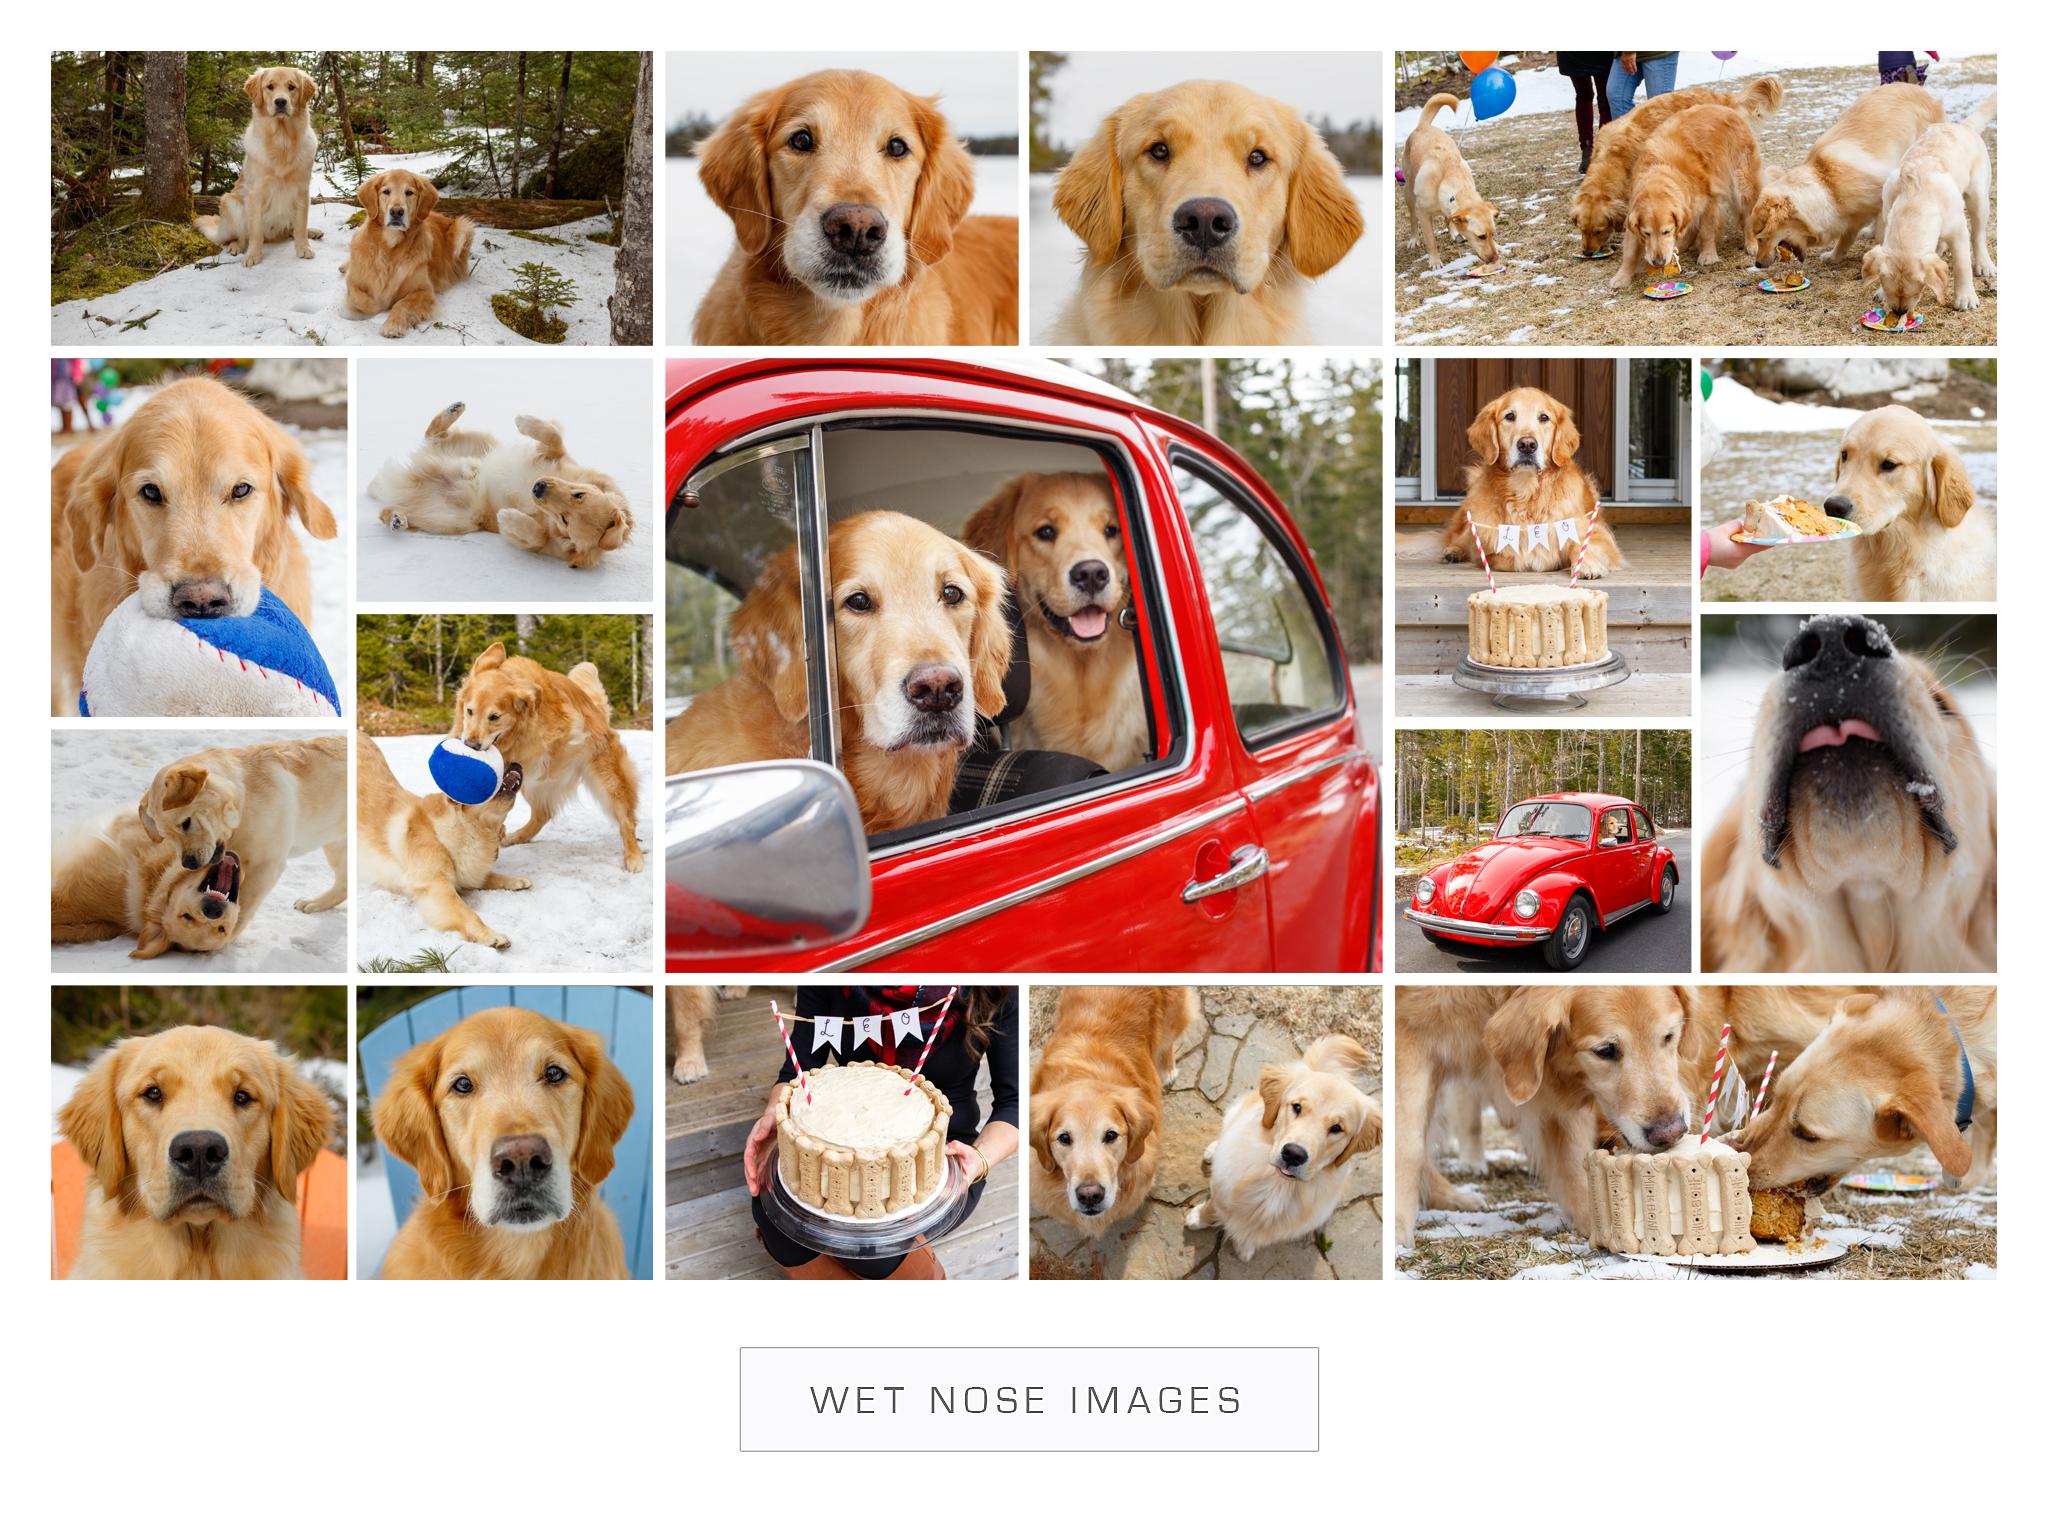 dog_birthday_party.jpg